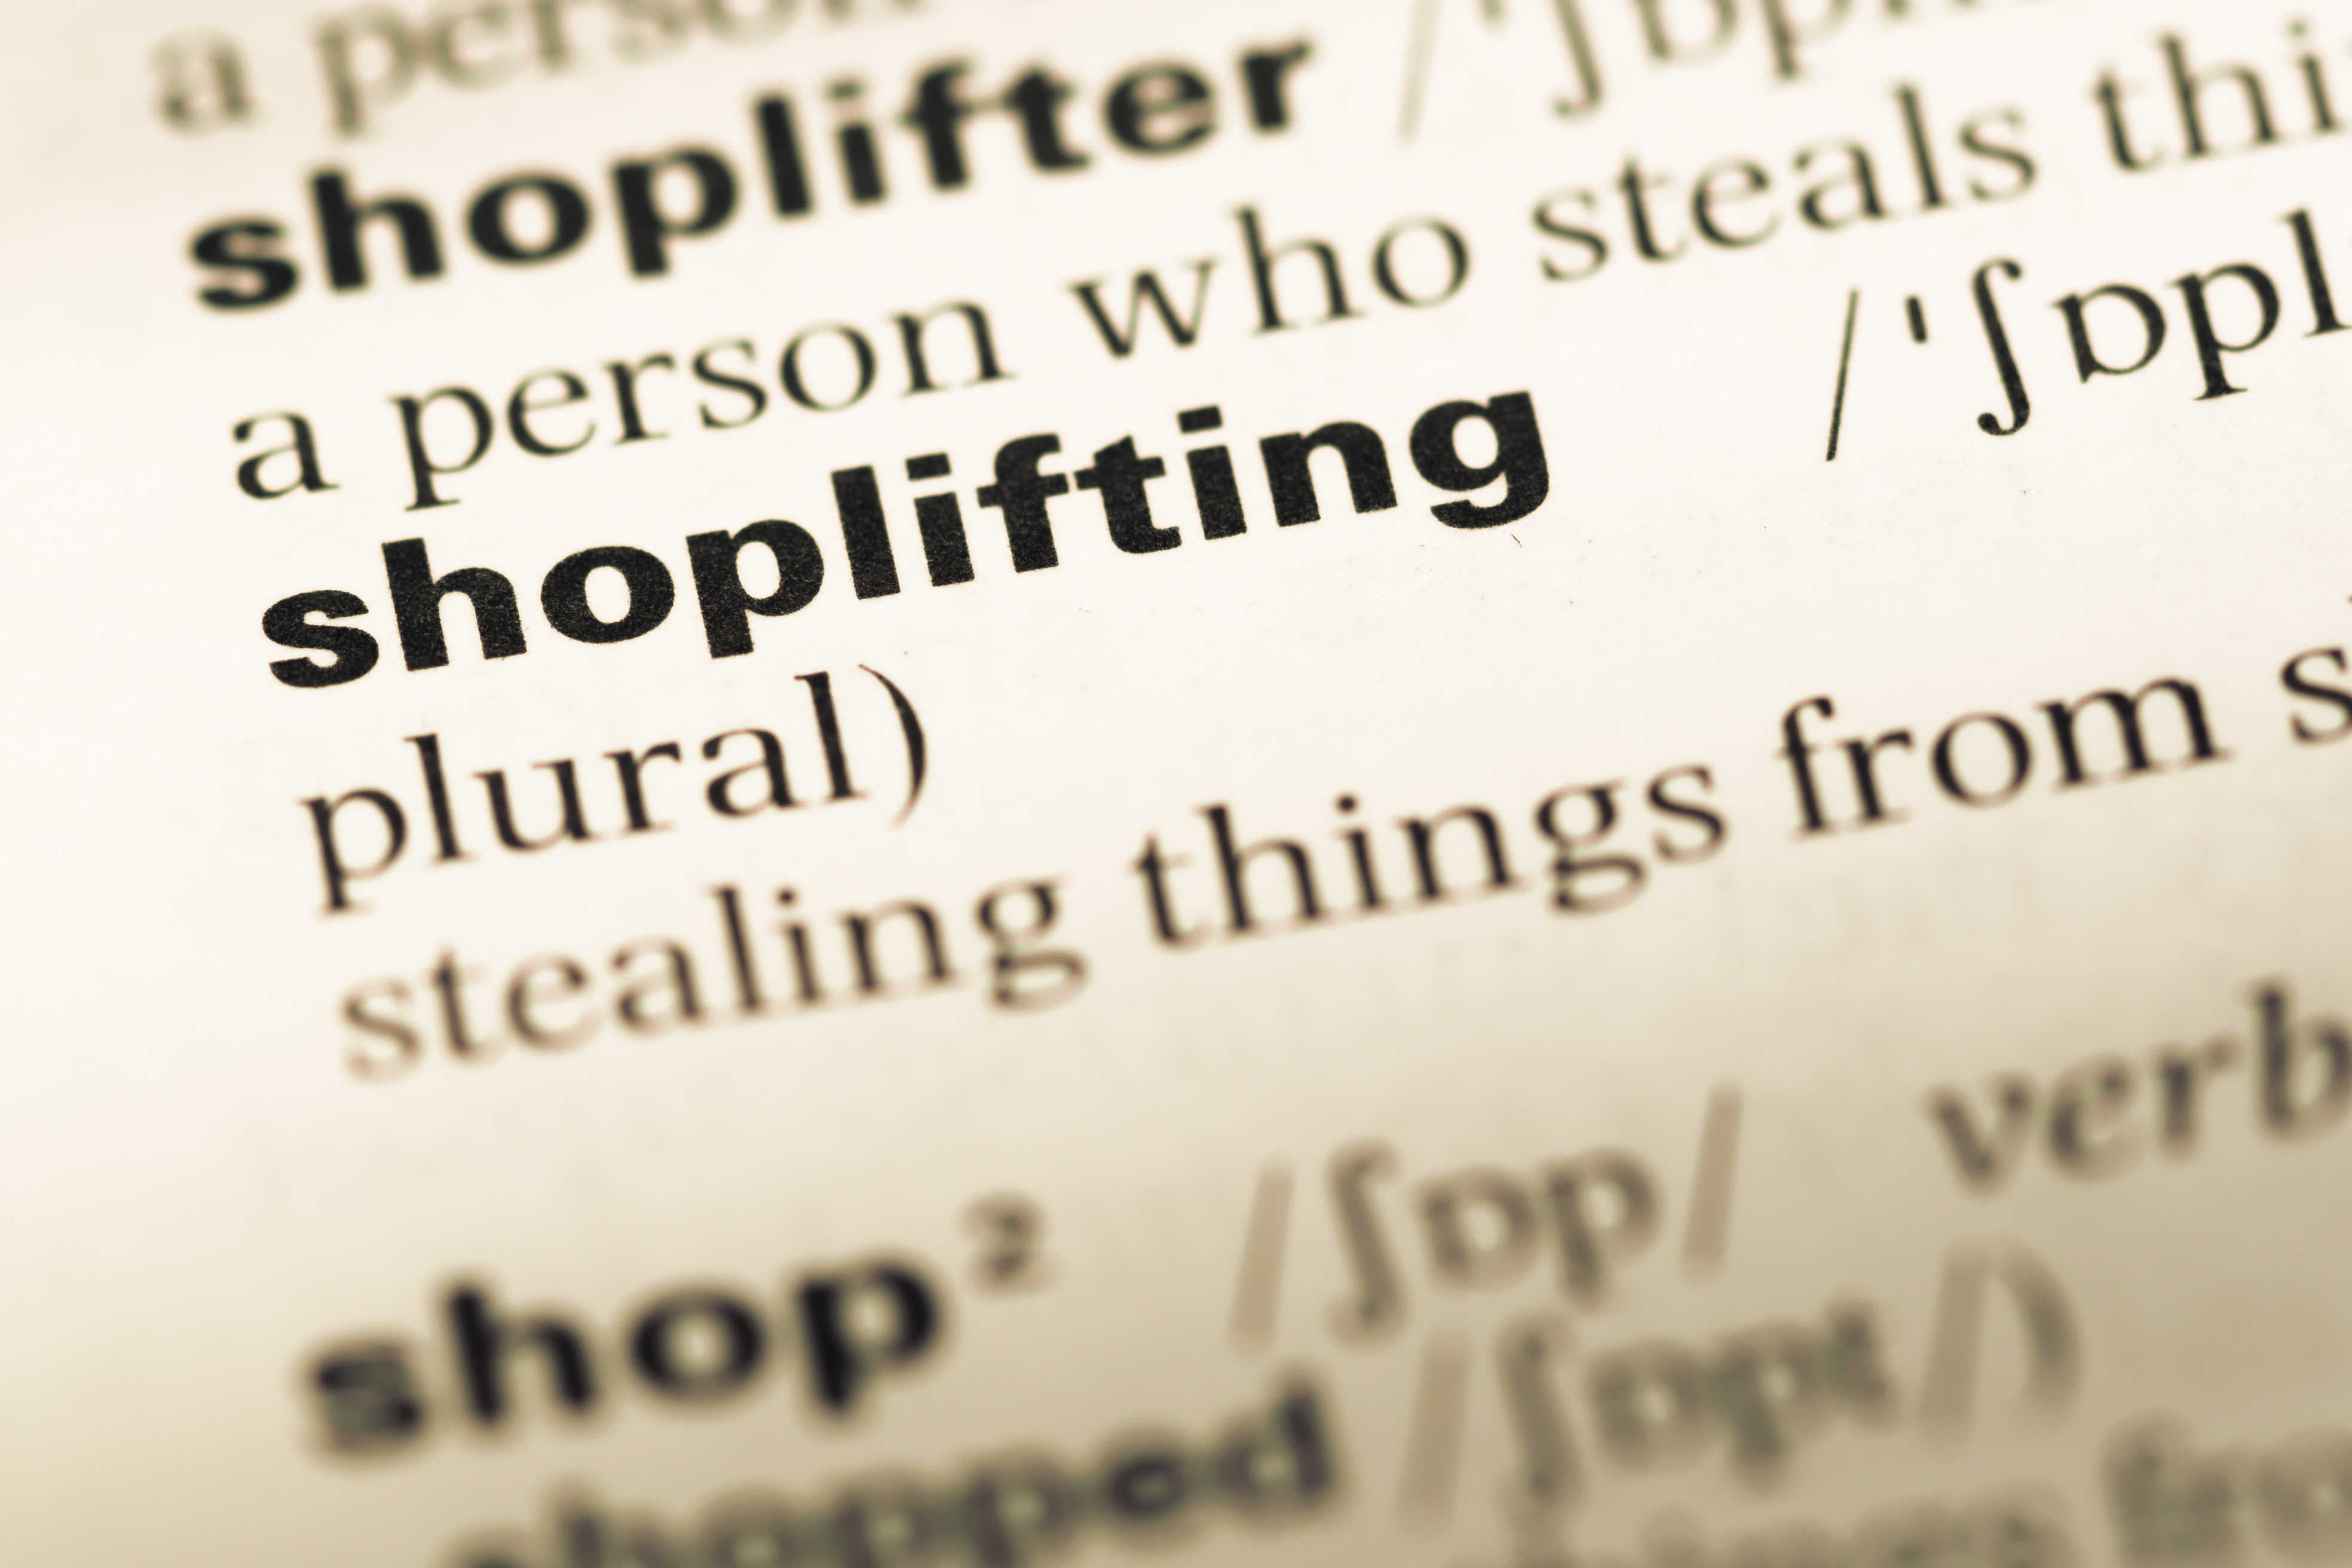 Nebraska Shoplifting Laws, Shoplifting Laws Nebraska